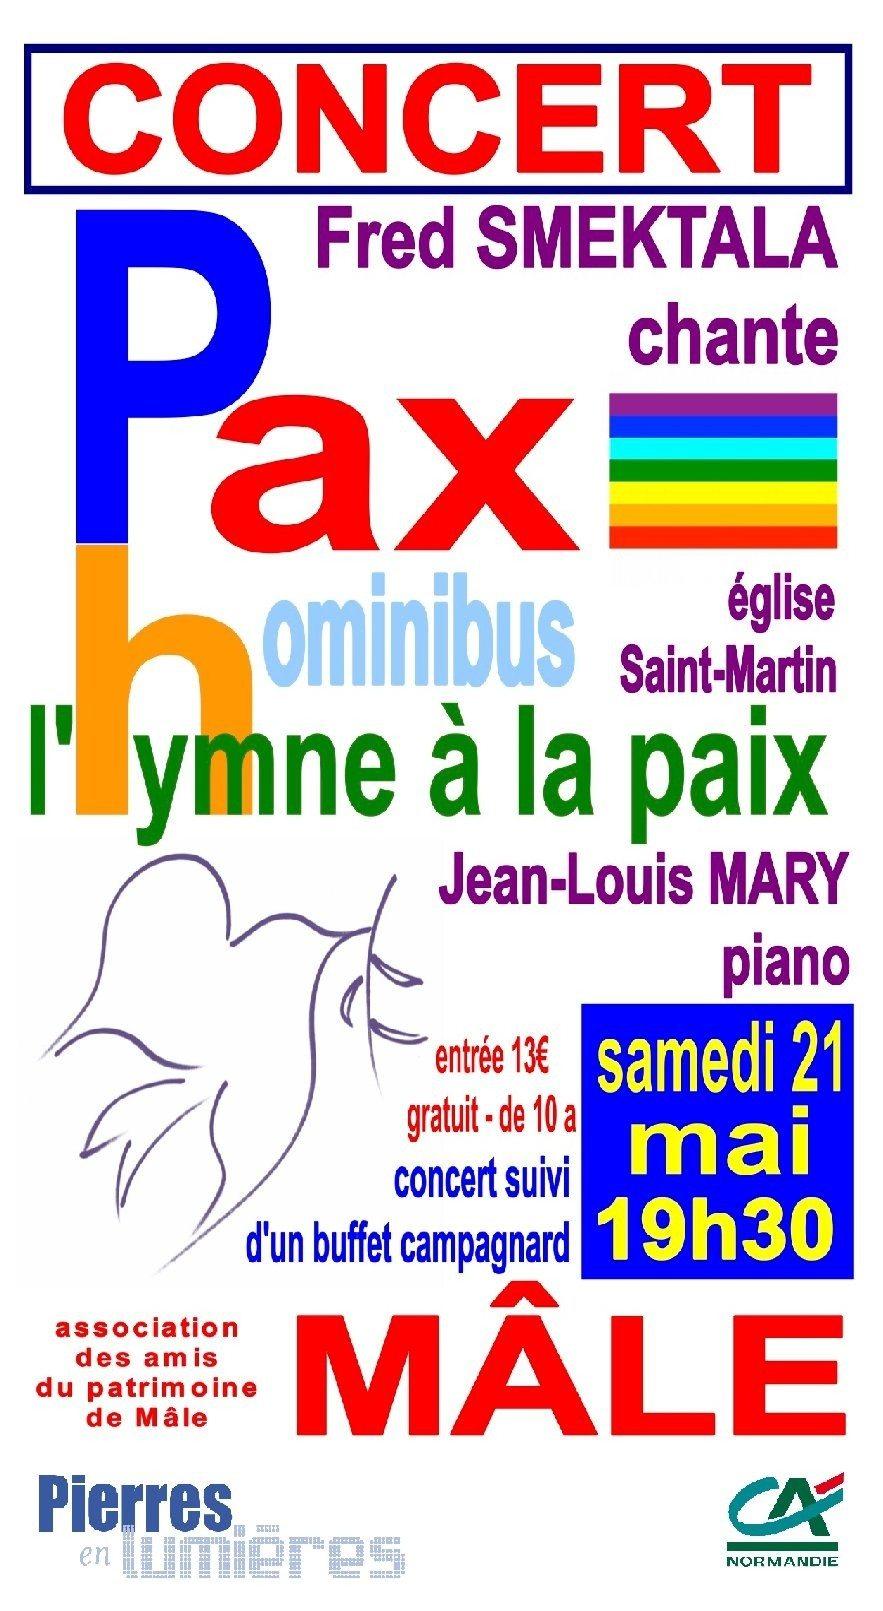 Concert de Fred Smektala Pax Hominibus l'hymne à la paix Val-au-Perche